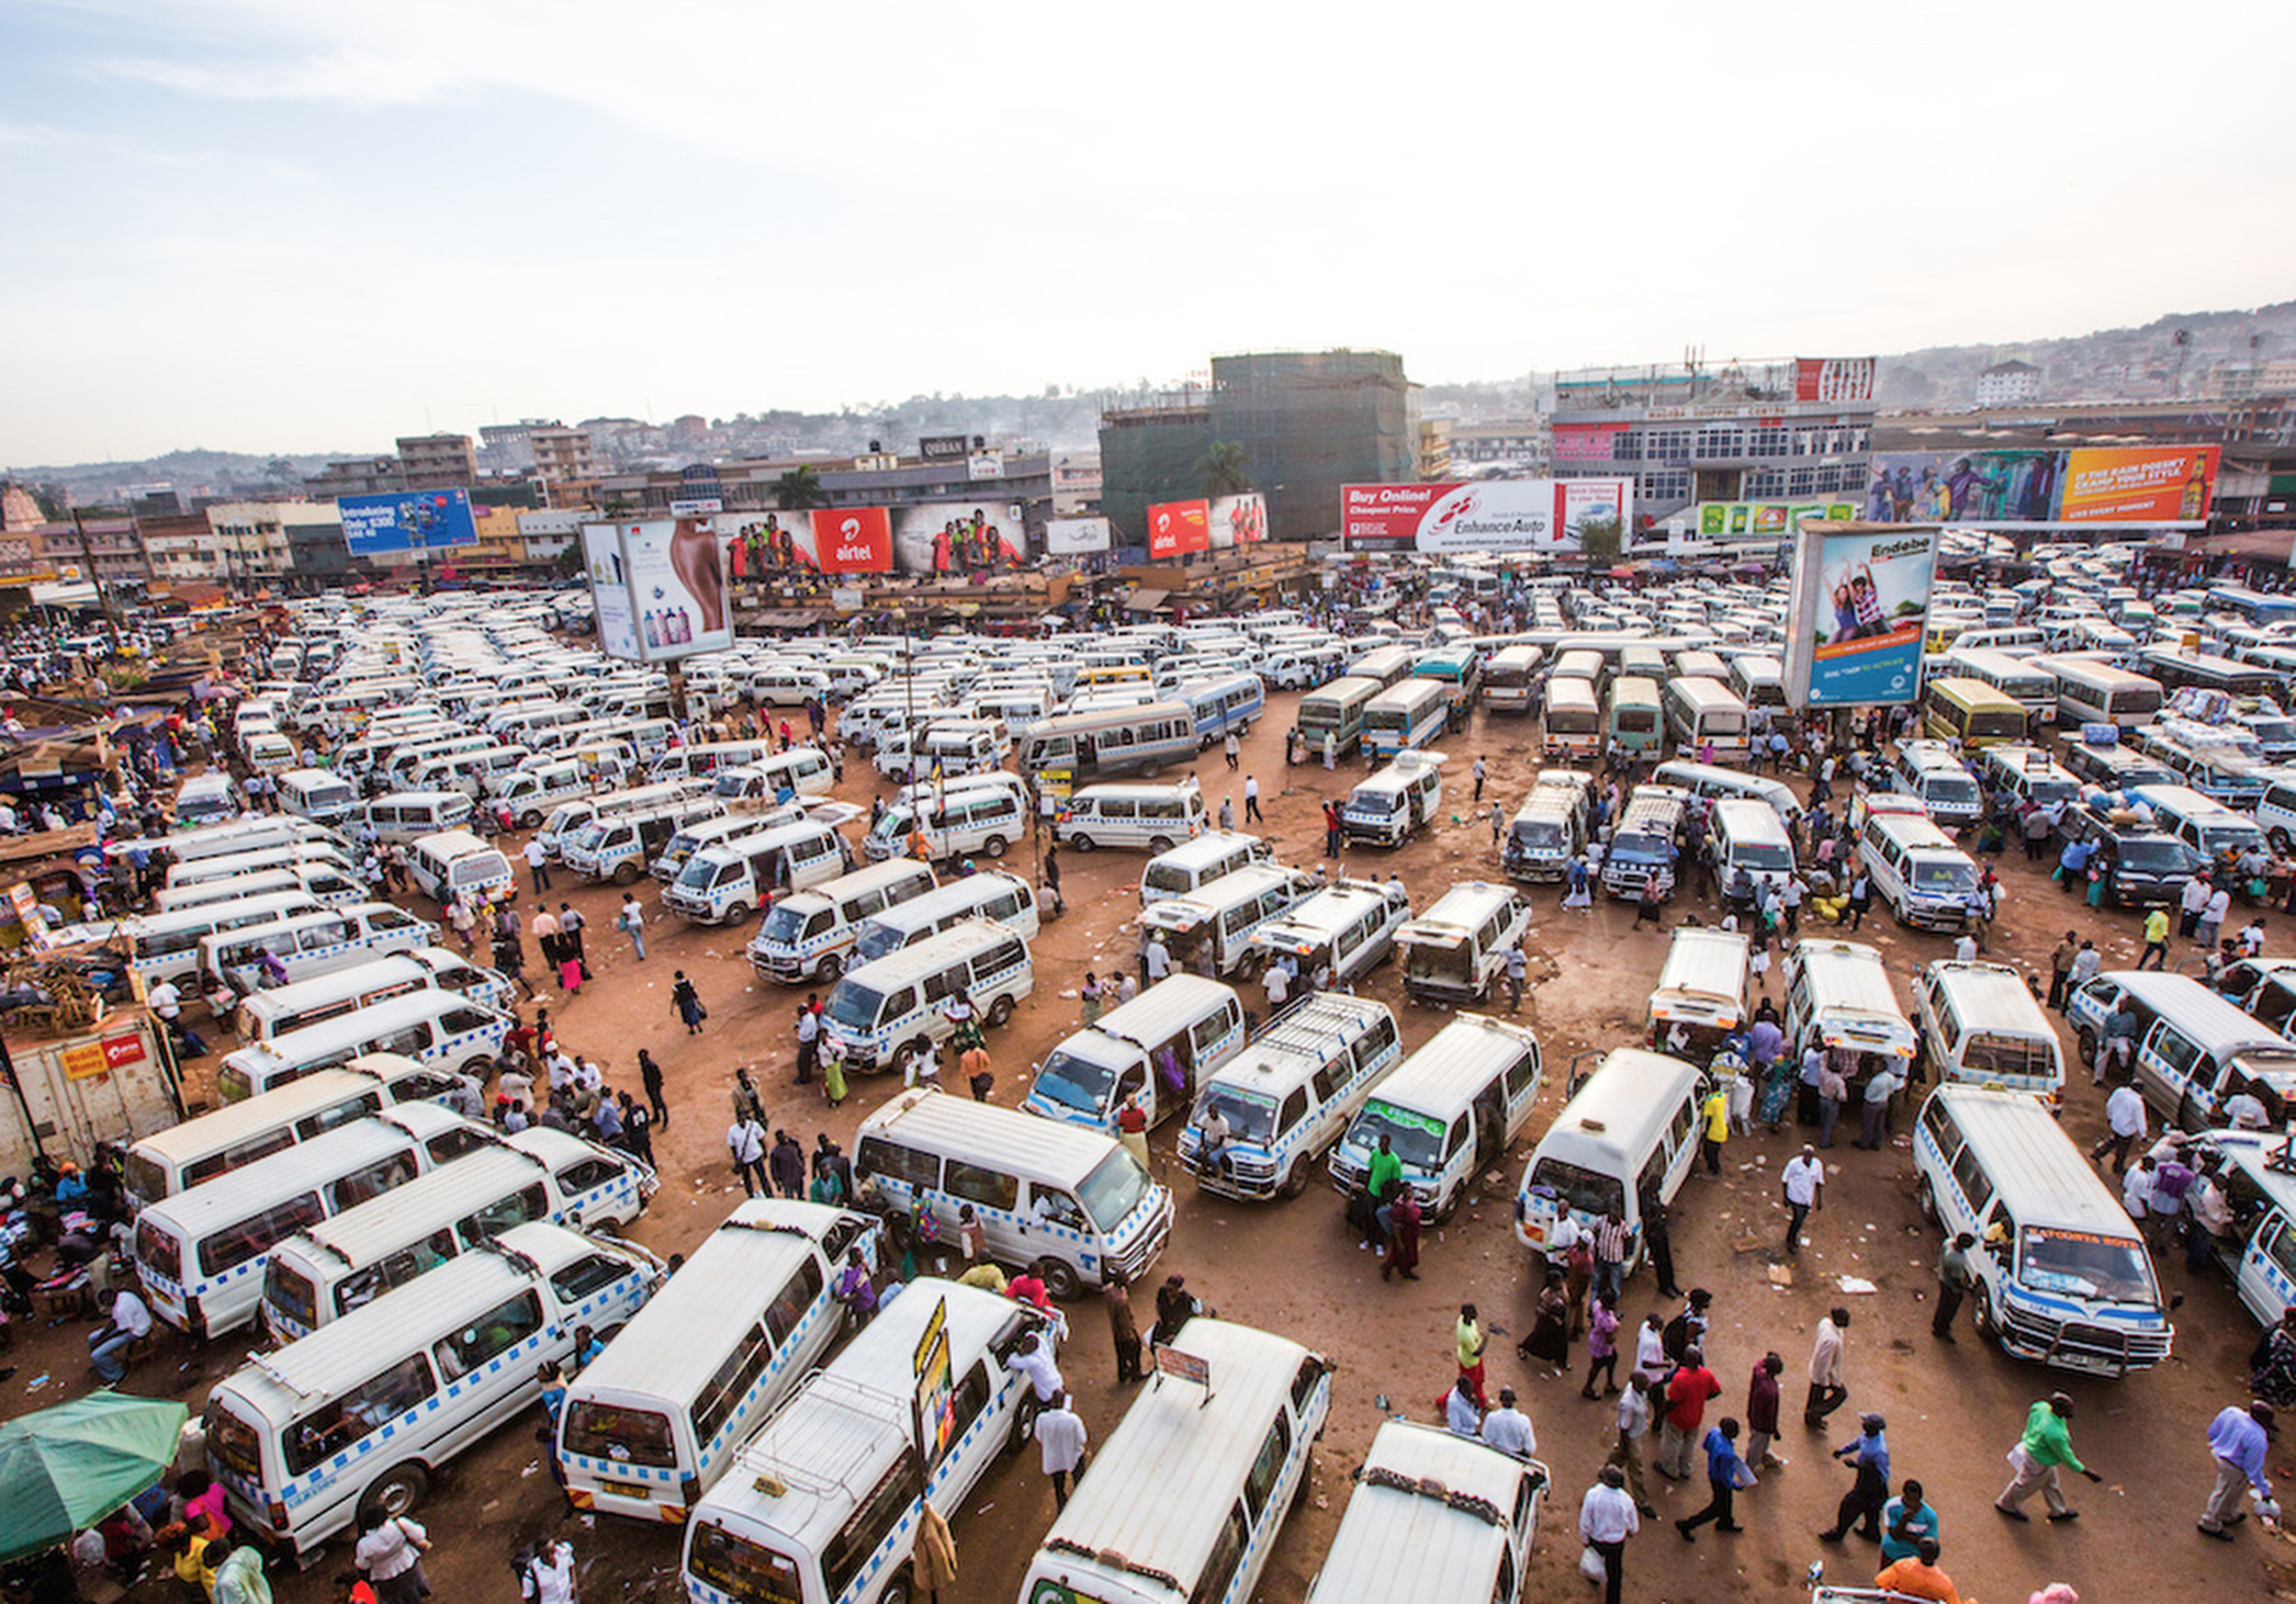 A commercial bus station in Kampala, Uganda. (Tom Saater)